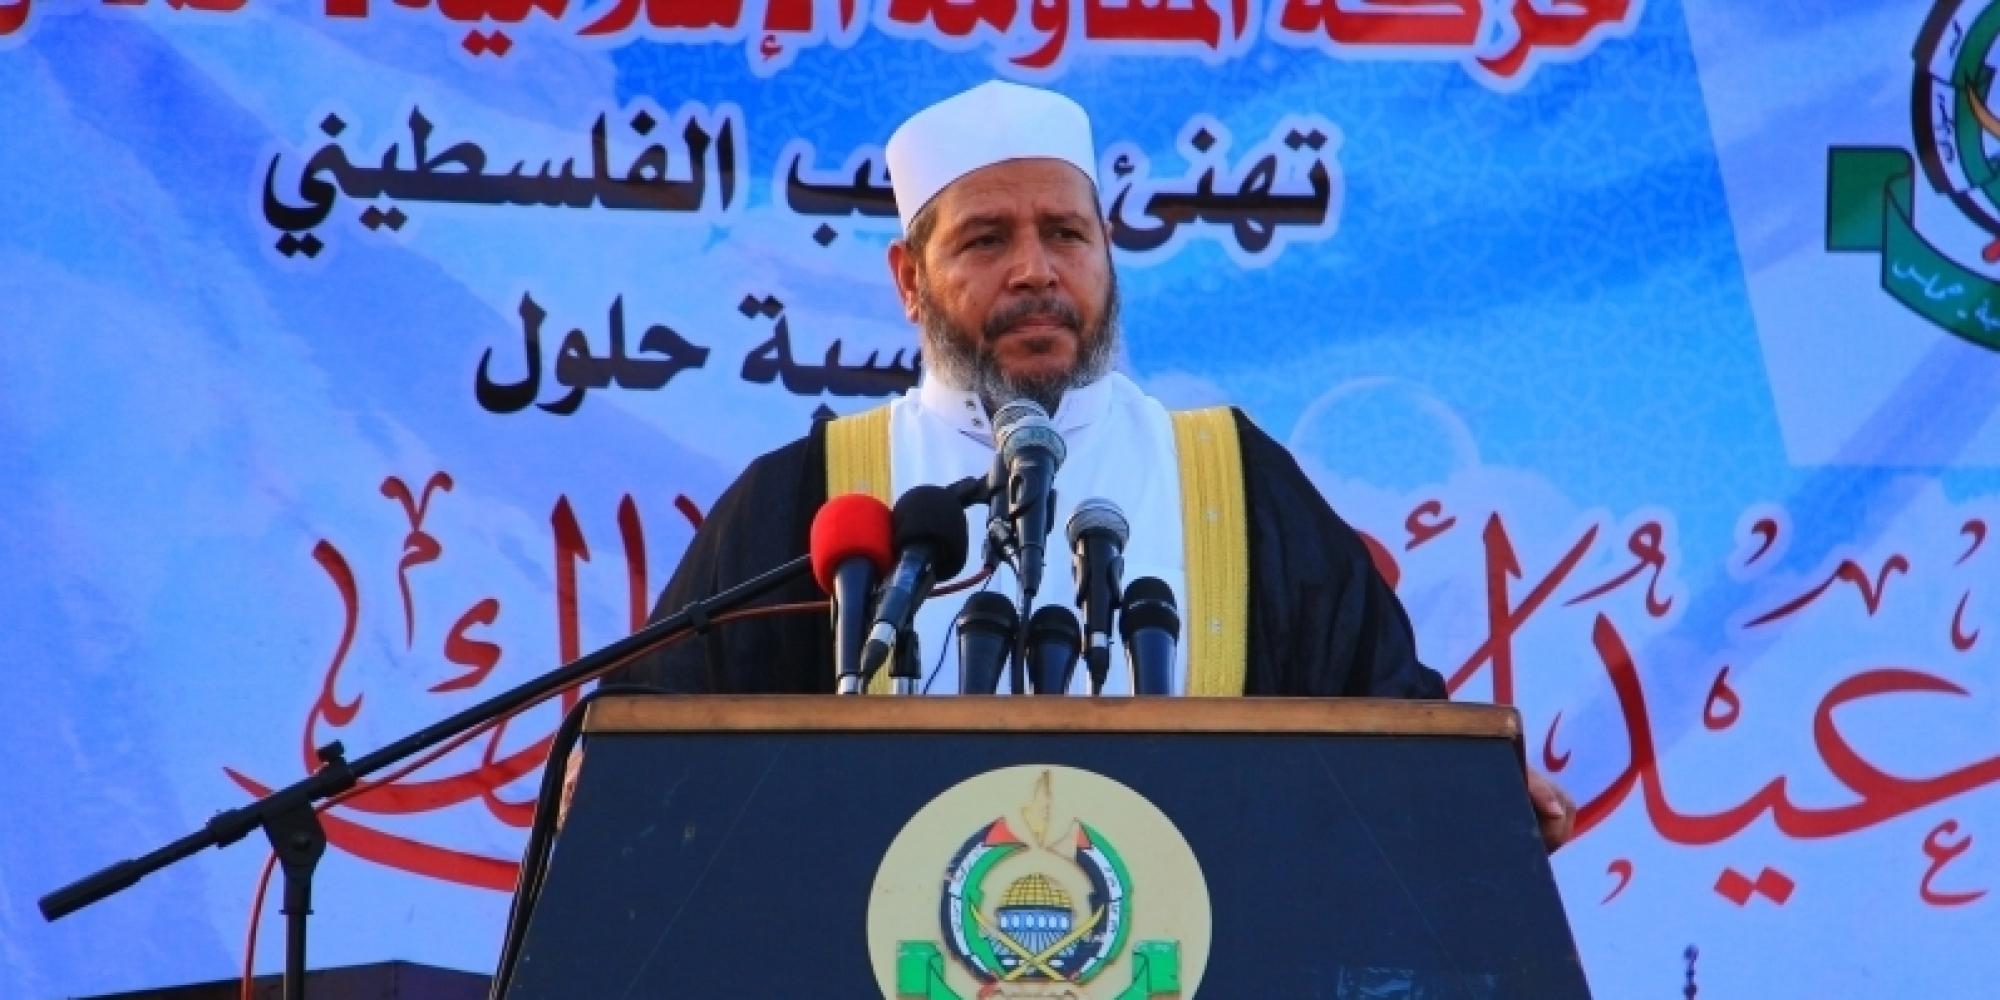 ما بين يدي القسّام قادر على أن يحرركم من سجونكم .. نائب رئيس حركة حماس يبعث برسائل للمعتقلين ويوجه طلباً لمصر